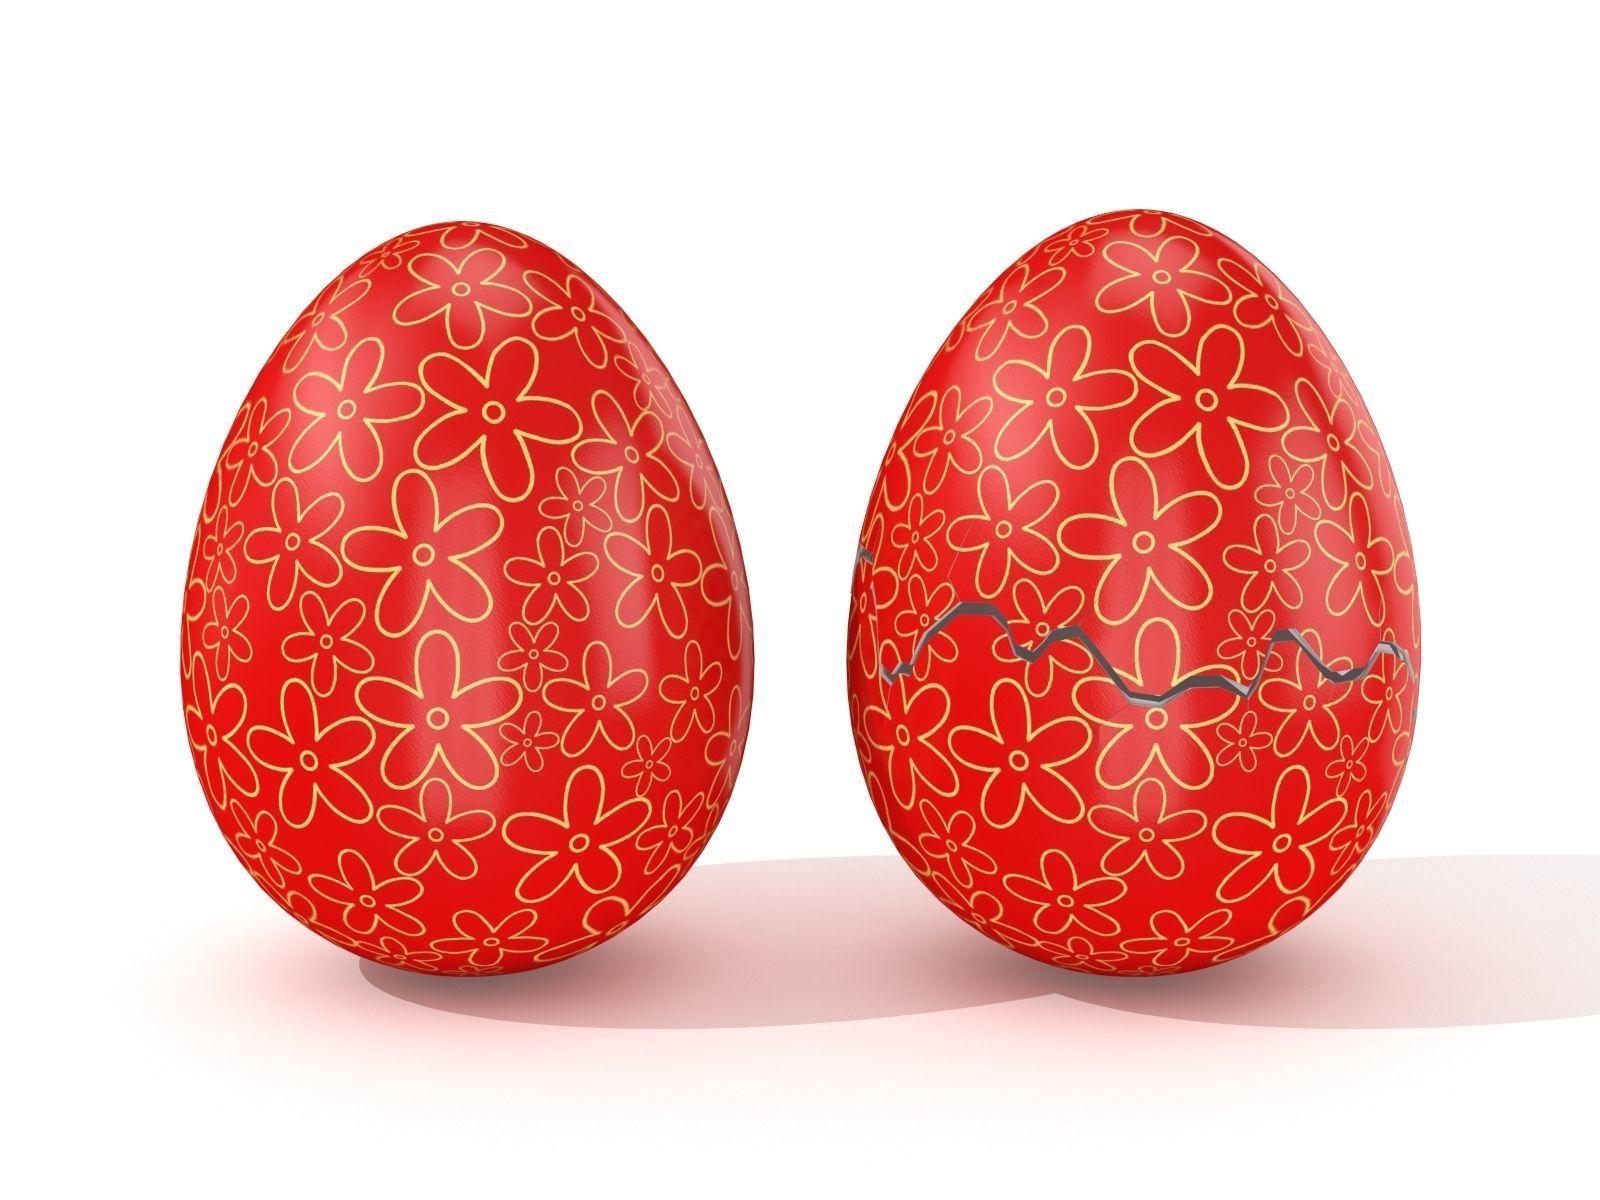 Easter Egg Cracked N010 | 3D model